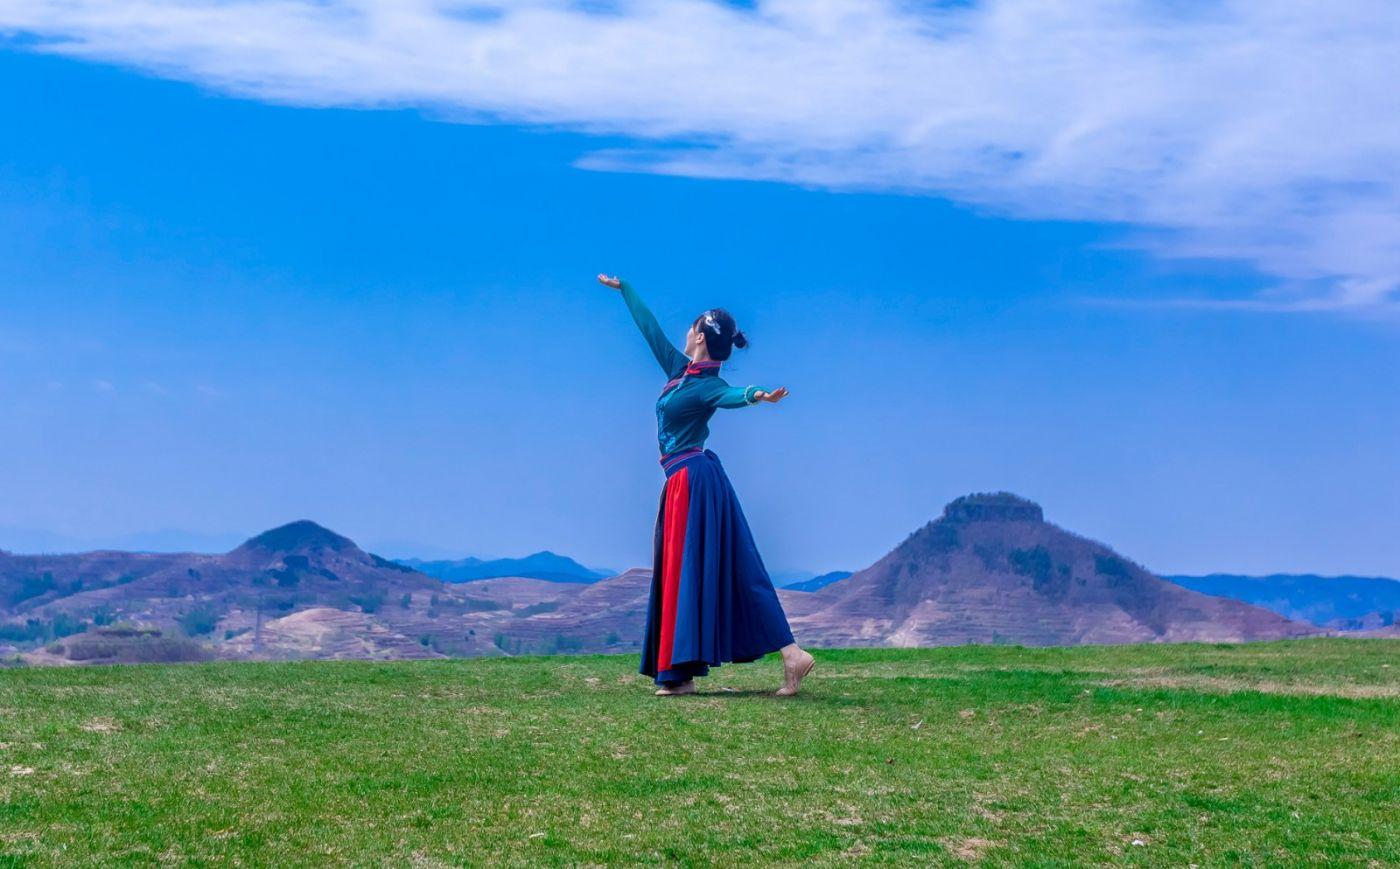 崮上草原有位女孩在翩翩起舞 她要和你邂逅在崮上花开的季节 ..._图1-17